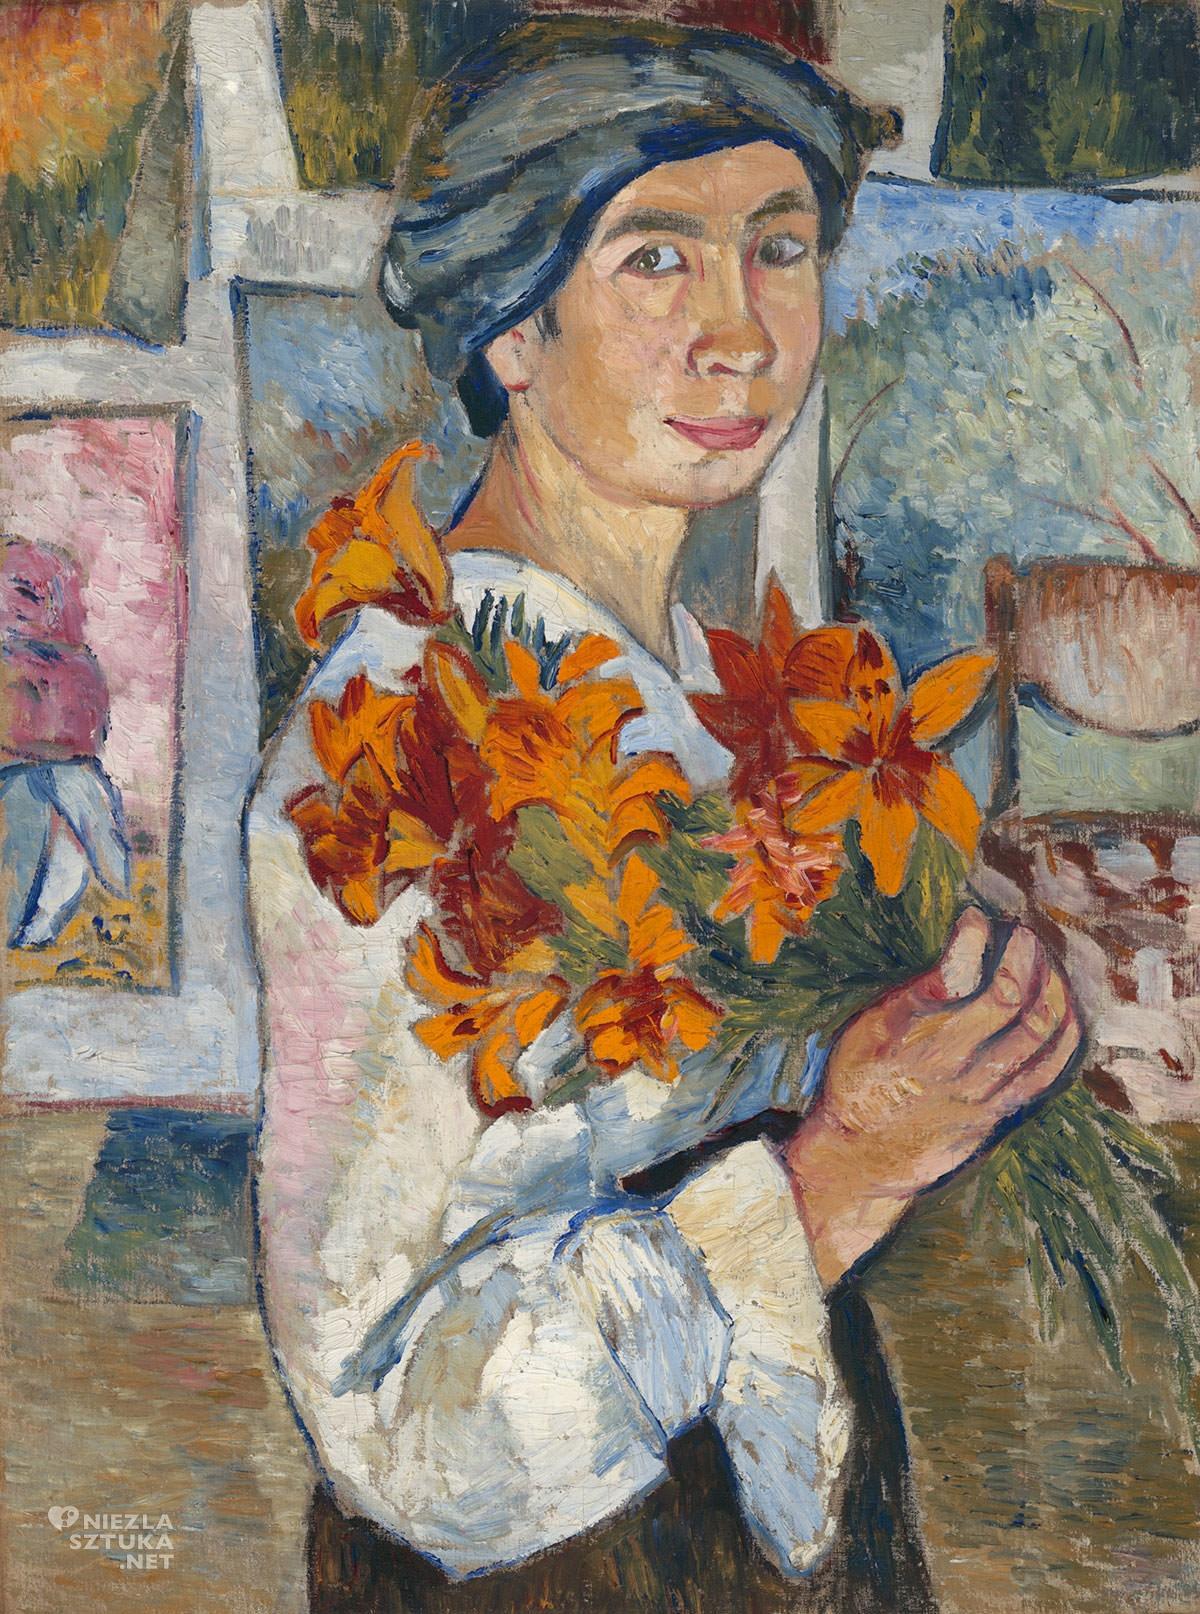 Natalia Gonczarowa, Autoportret z żółtymi liliami, kobiety w sztuce, malarka, Rosja, Niezła Sztuka